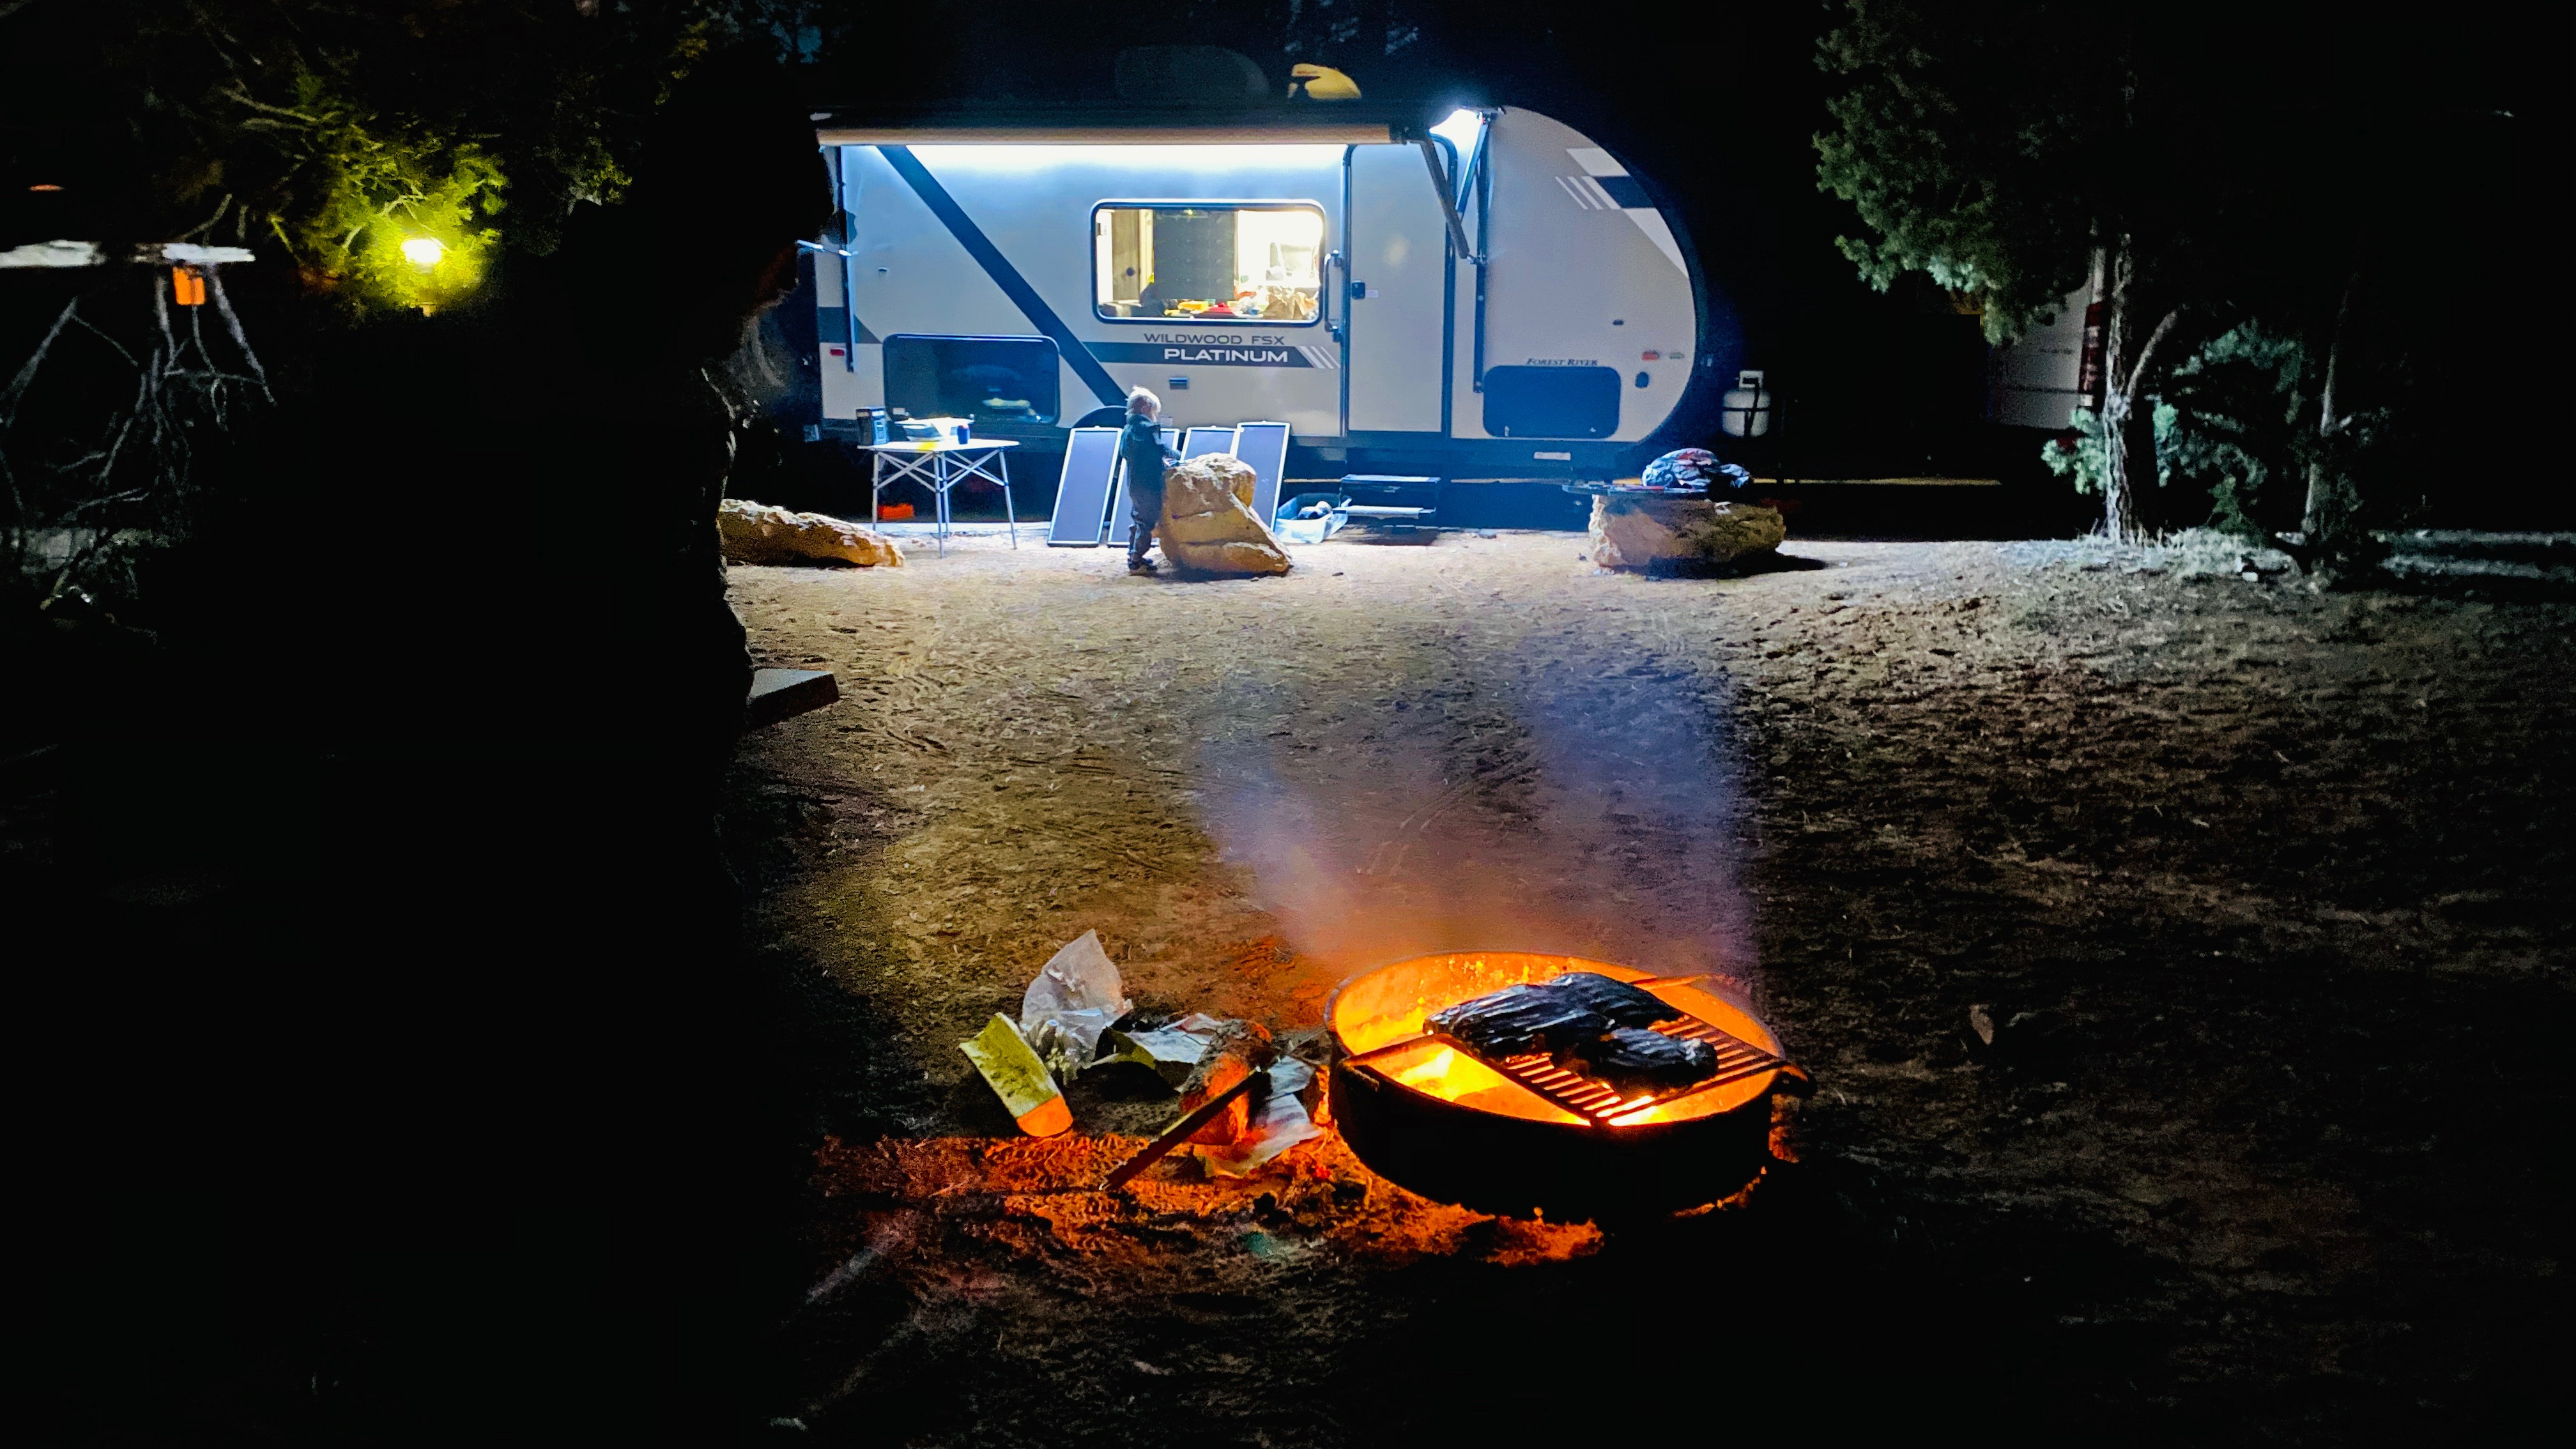 Great setup for after dark.. Forest River Wildwood Platinum 2020